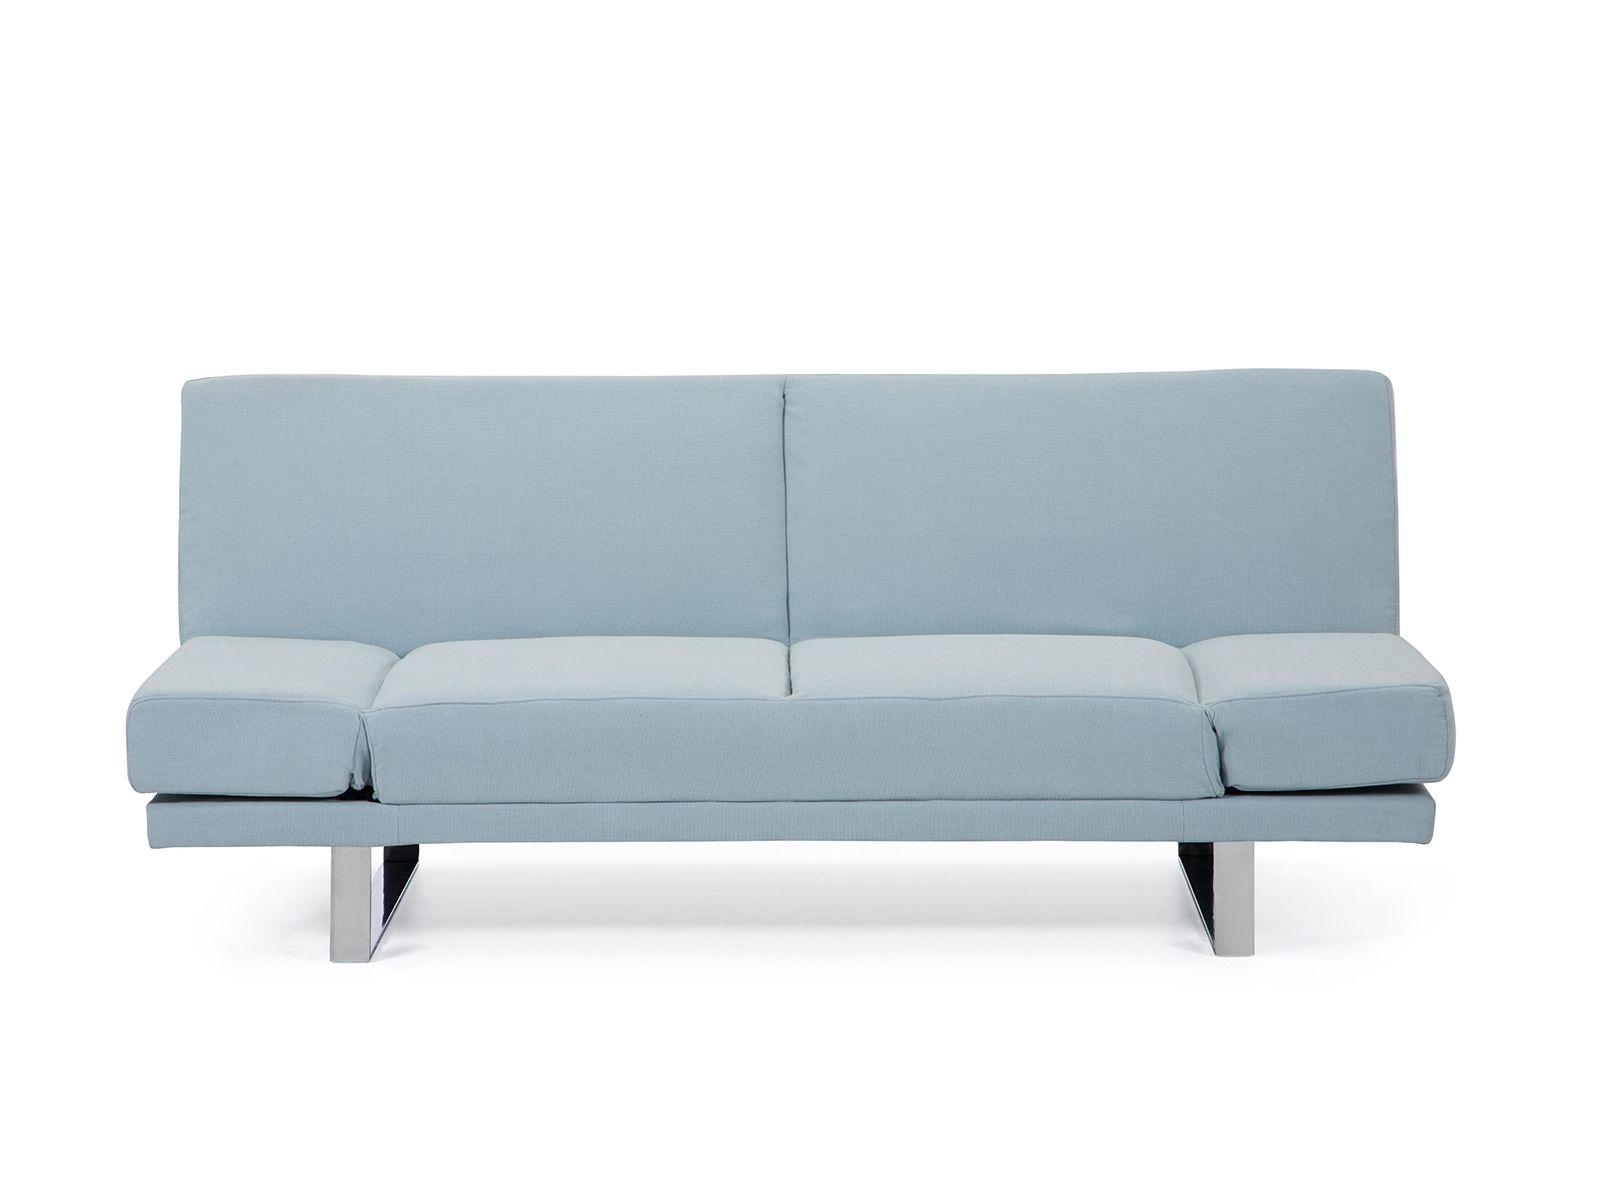 Image Result For Light Blue Upholstered Bed Upholstered Sofa Bed Convertible Sofa Bed Sofa